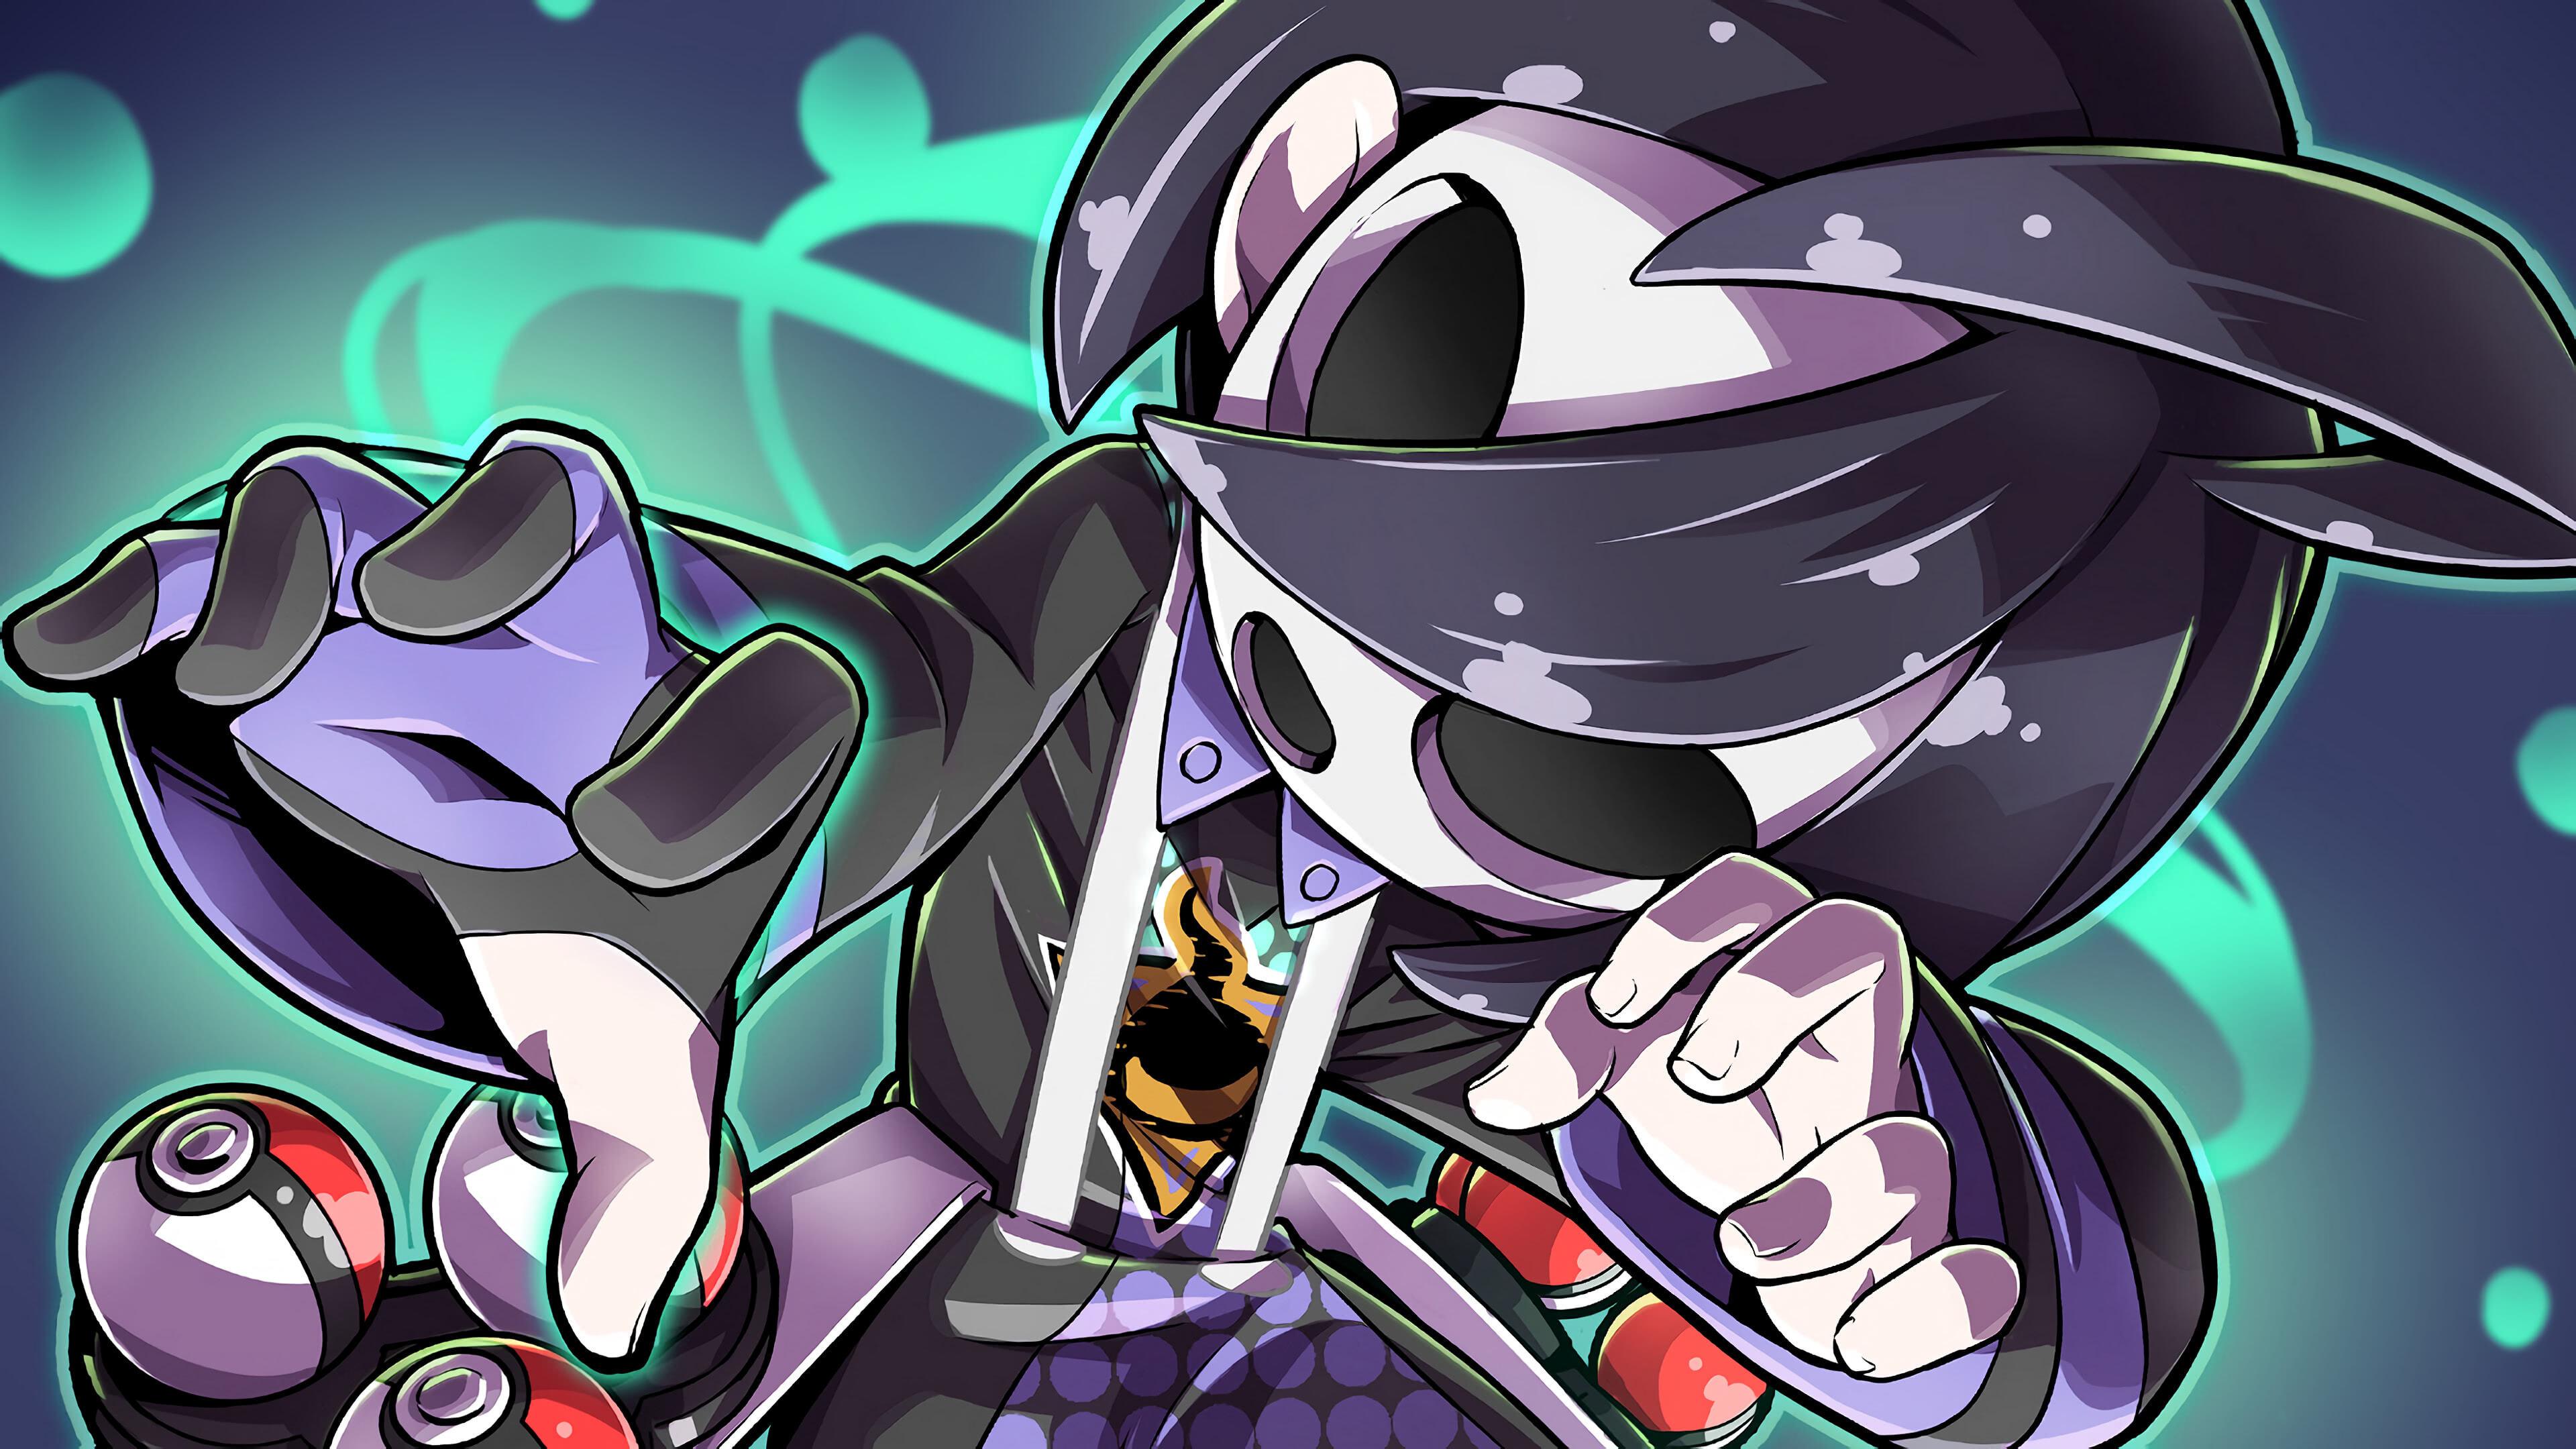 pokemon sword and shield allister gym leader uhd 4k wallpaper